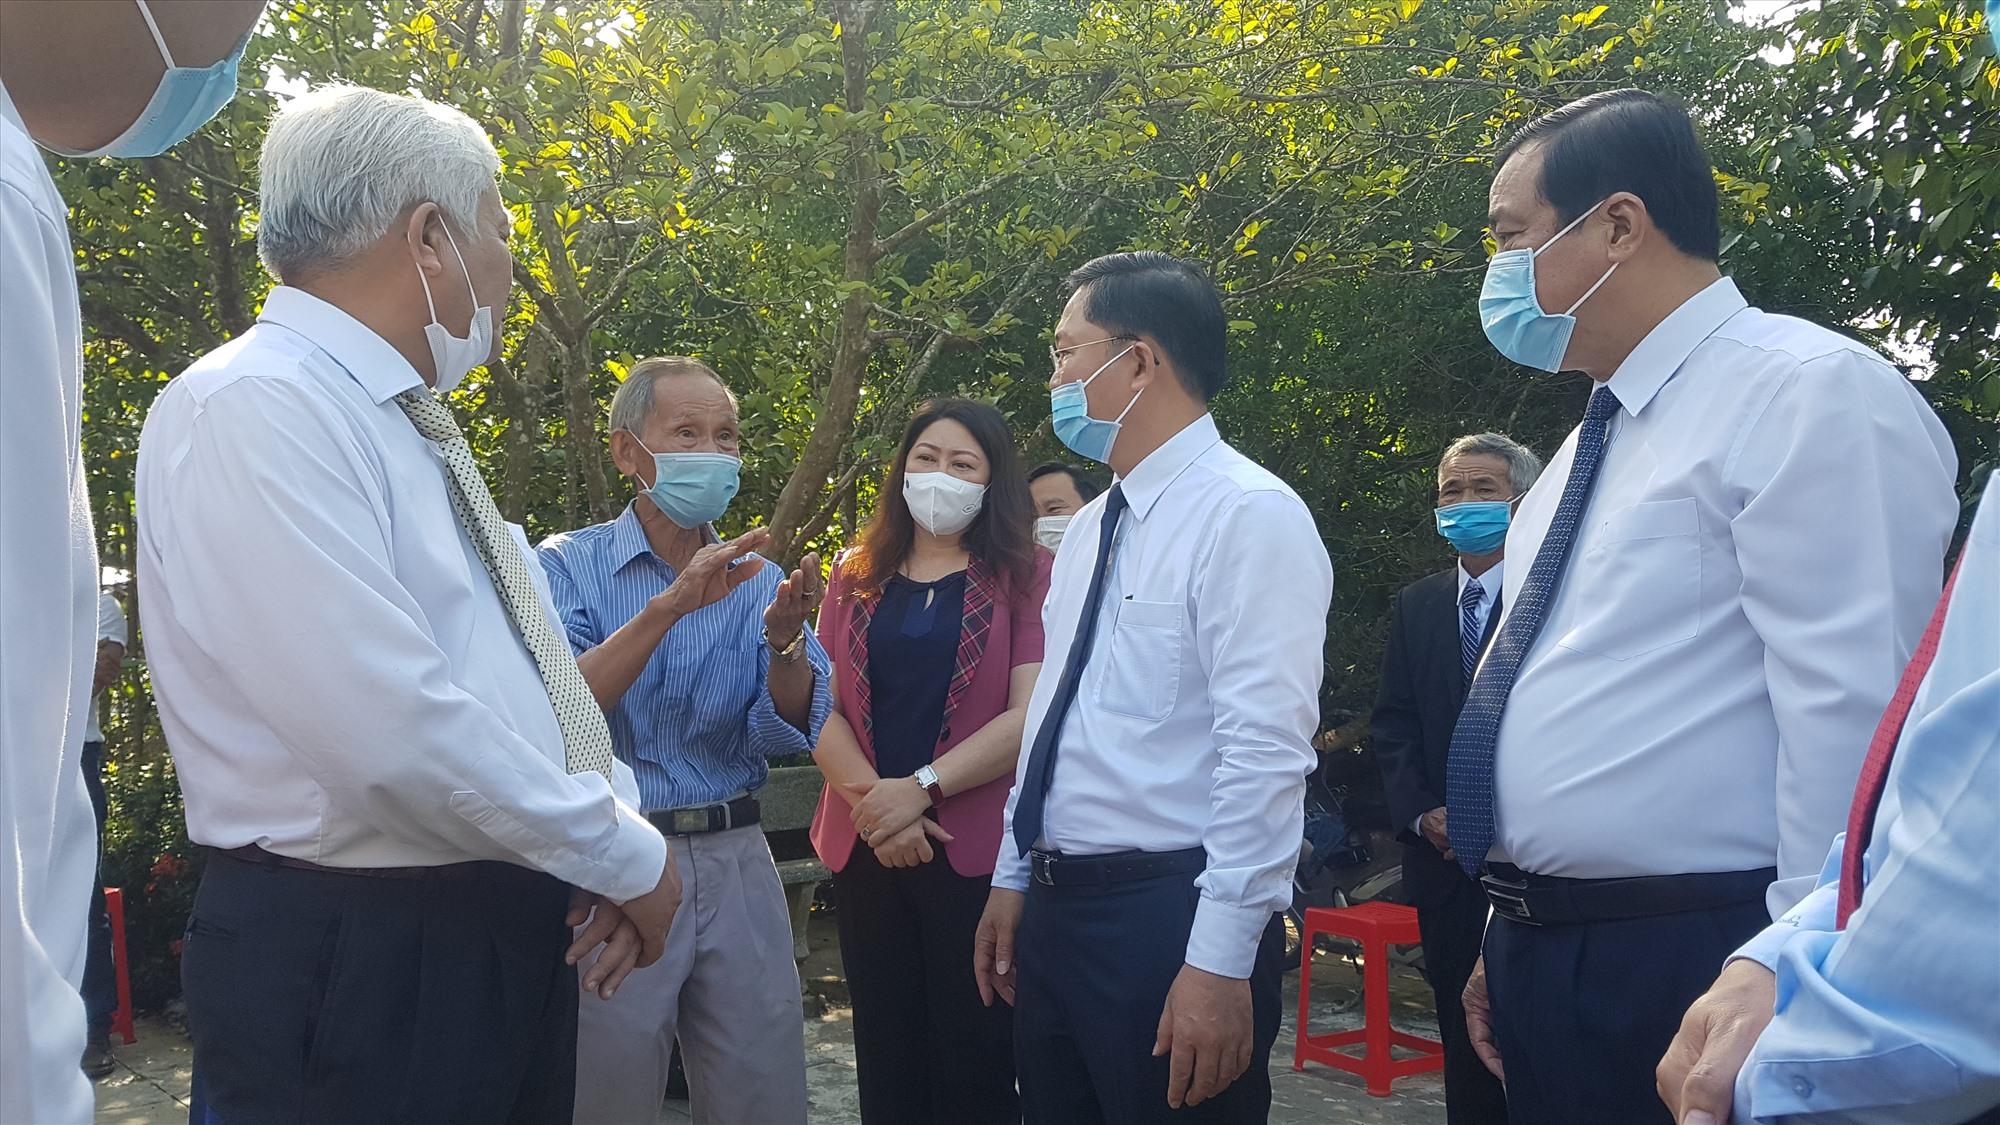 Các đồng chí lãnh đạo tinh trao đổi, thăm hỏi thân nhân của cụ Huỳnh. Ảnh: D.L